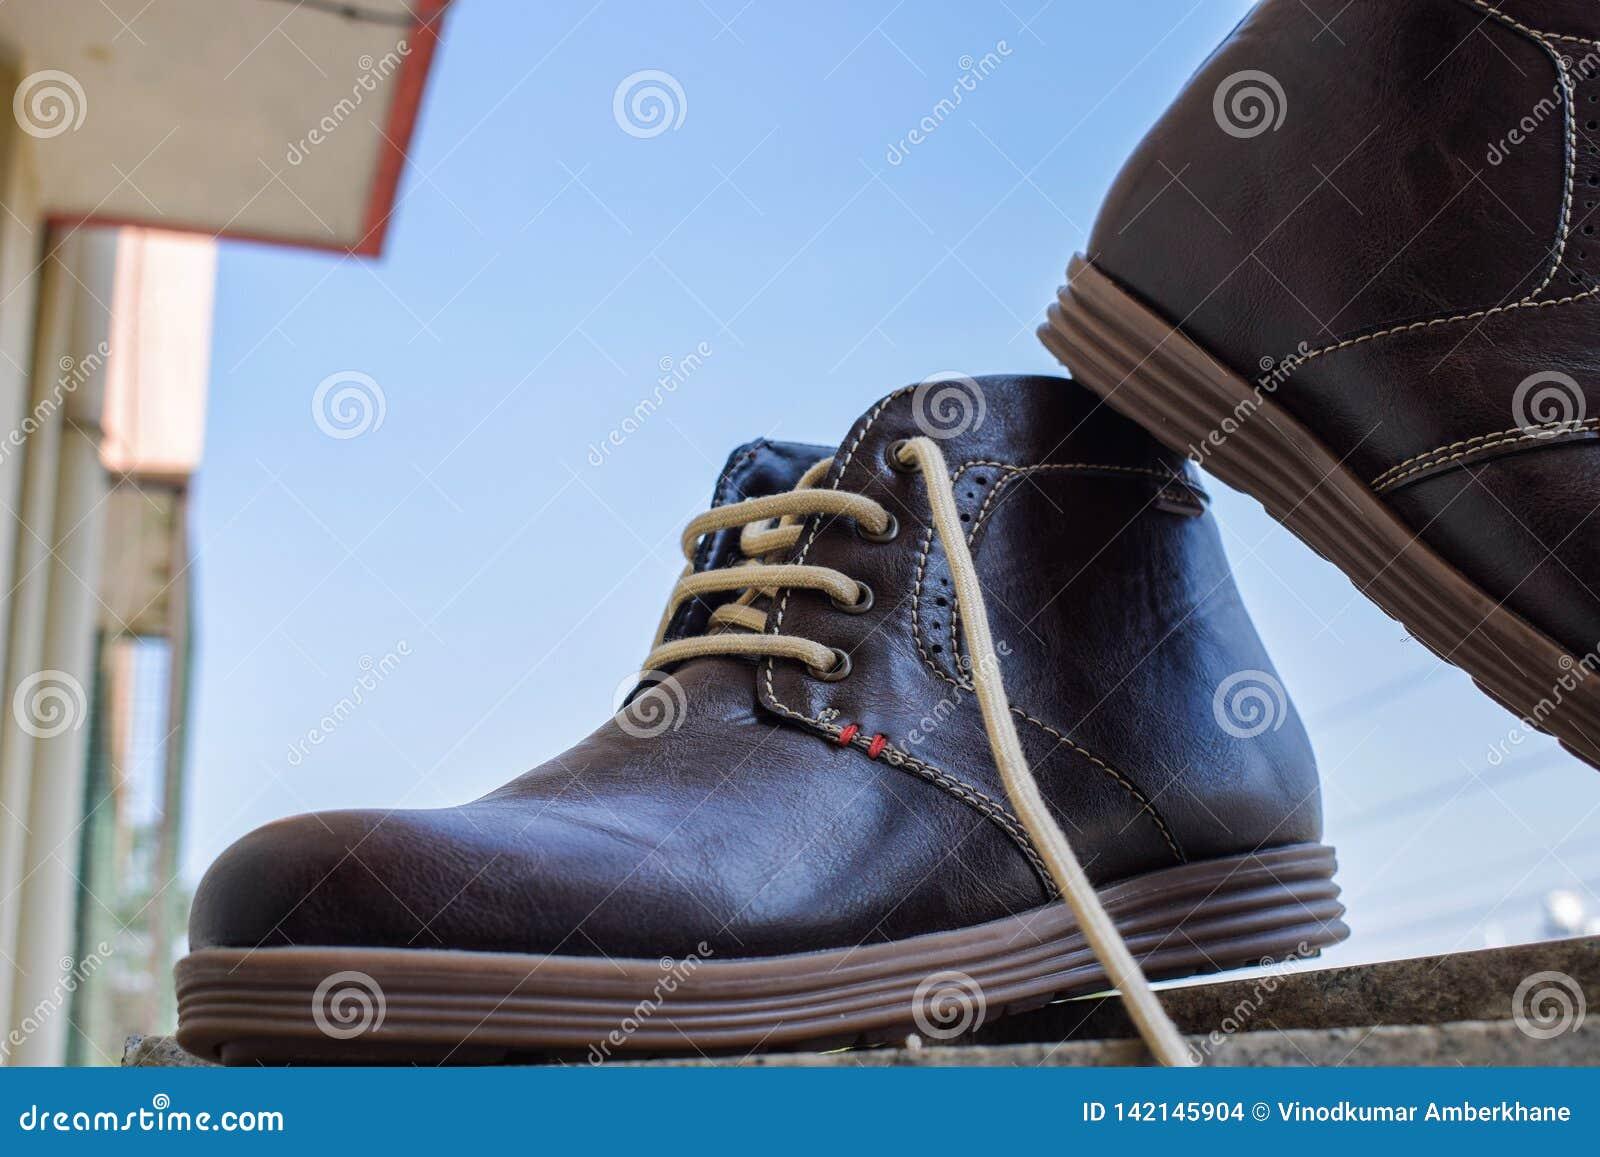 Hautes chaussures brunes foncées de cheville pour les hommes et prêt à porter